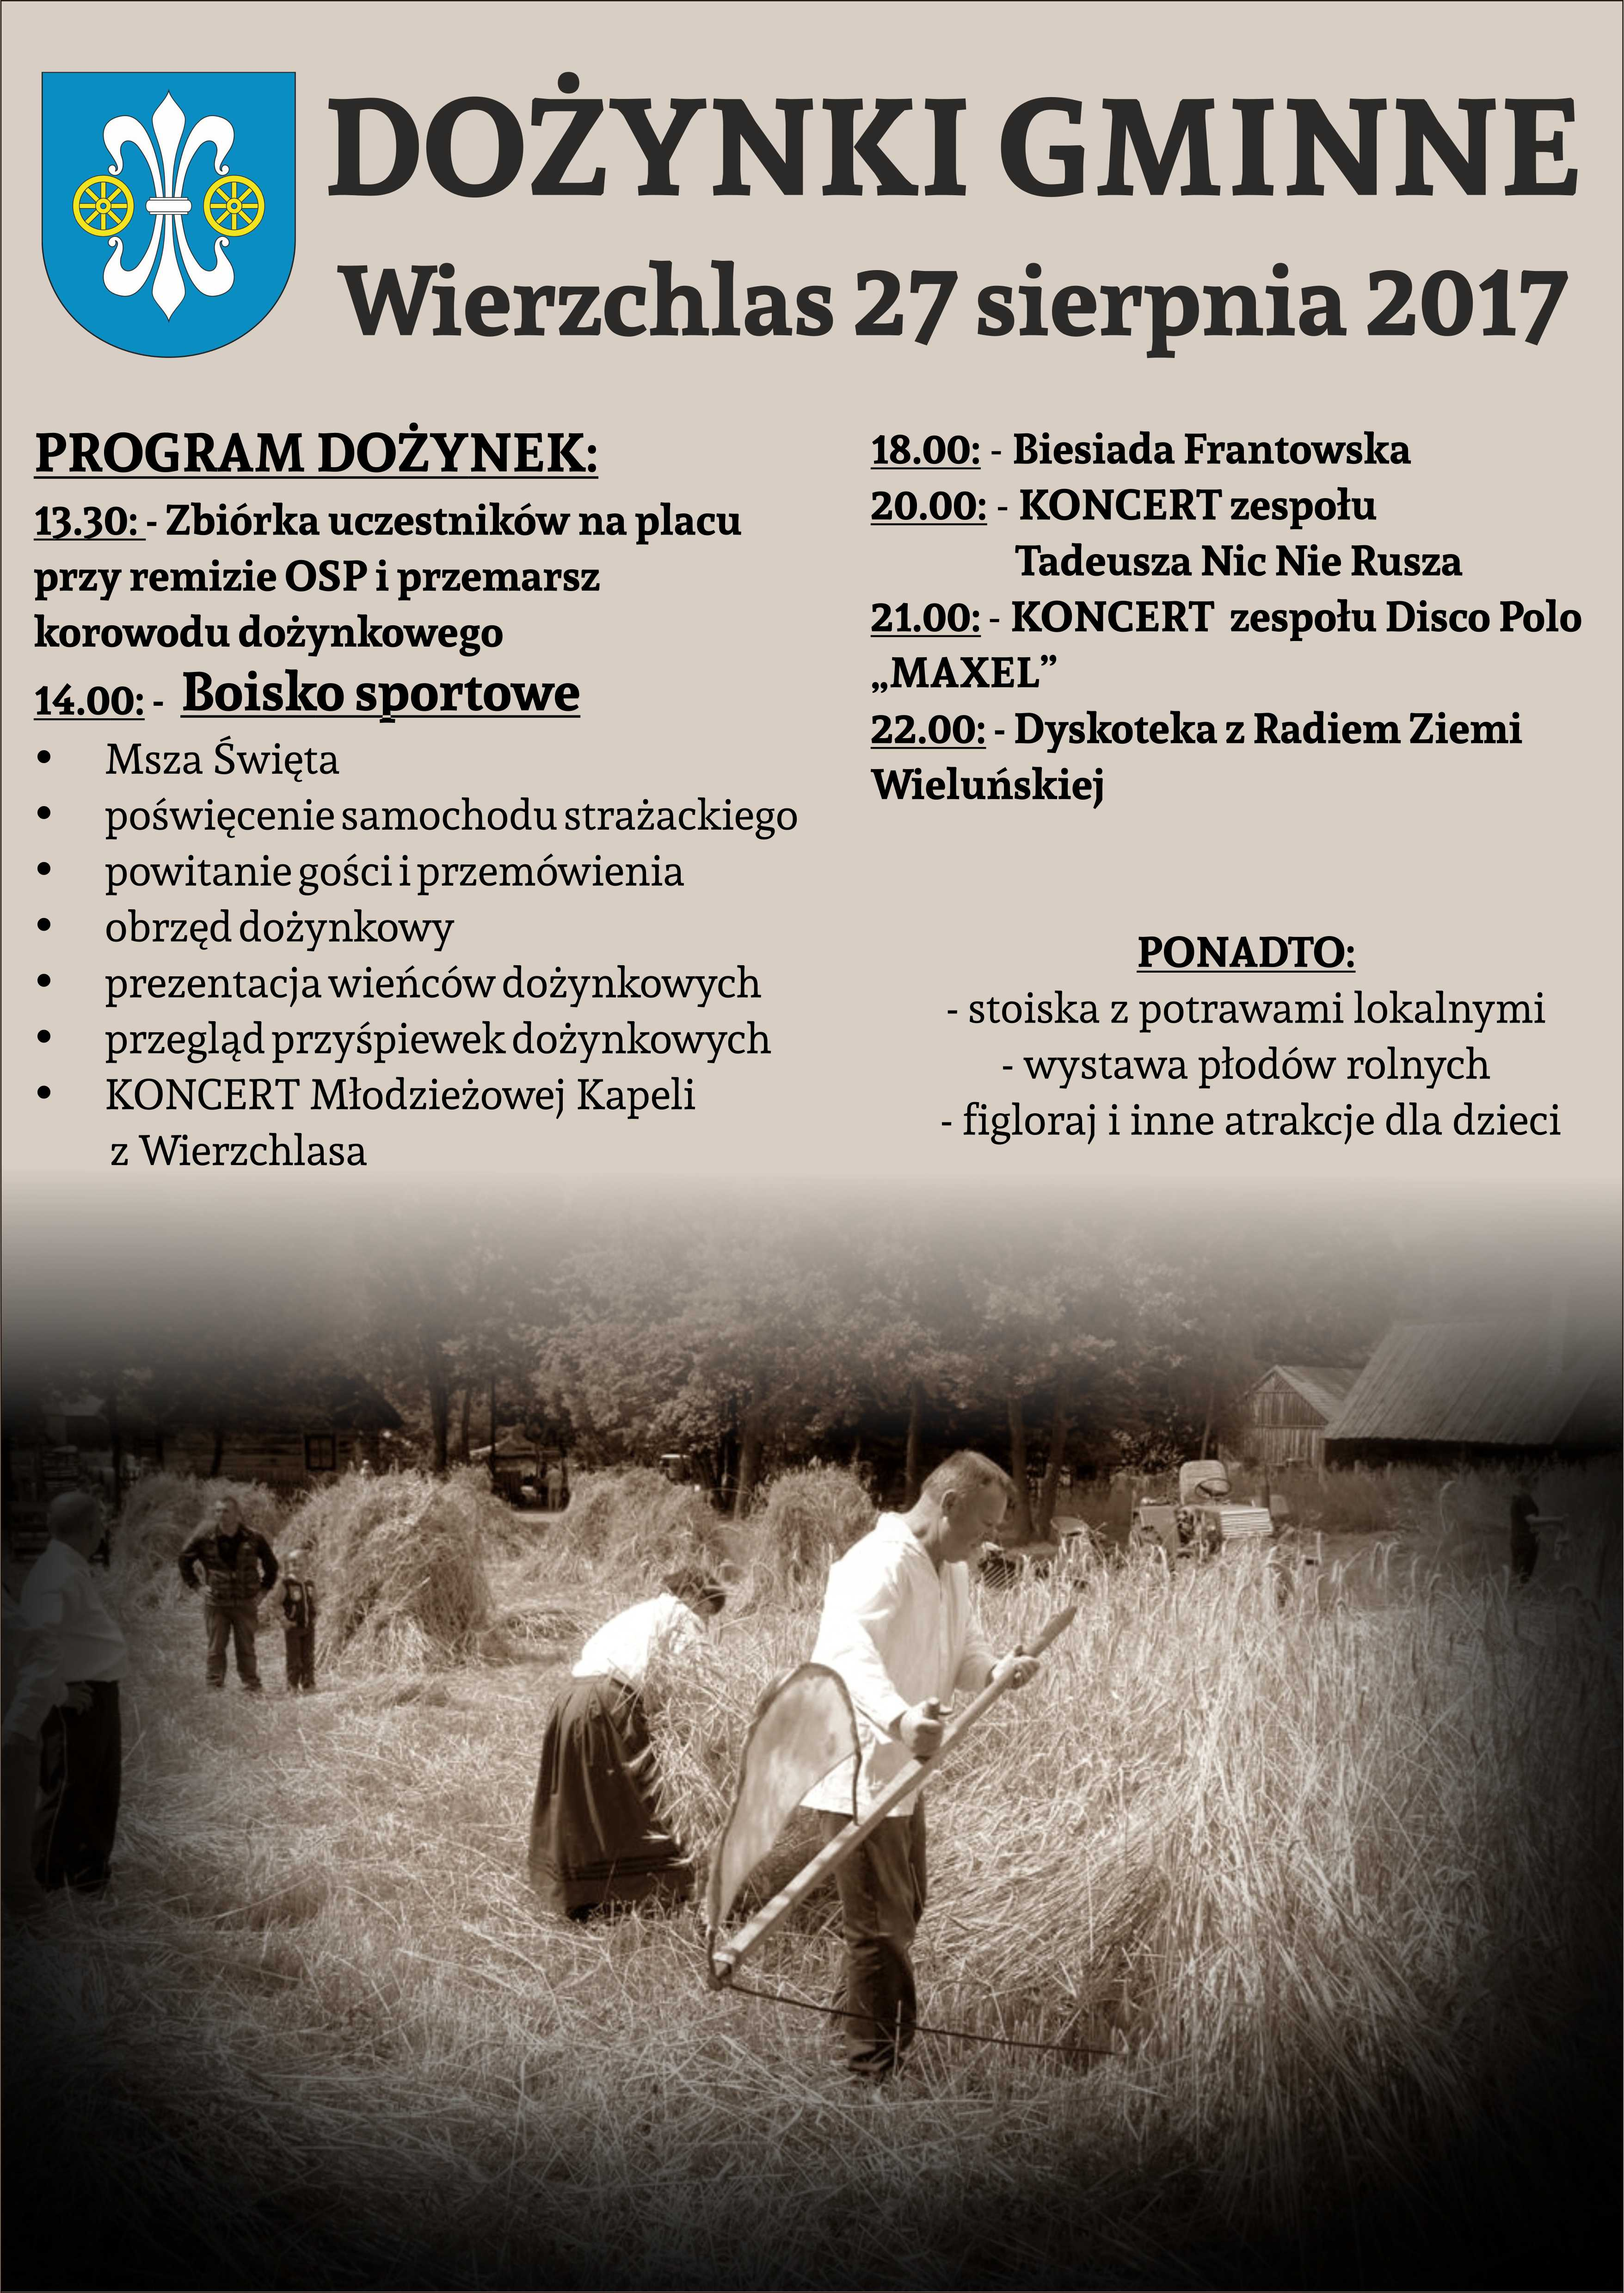 - dozynki_gminne_w_wierzchlesie_2017_r._-_plakat.jpg